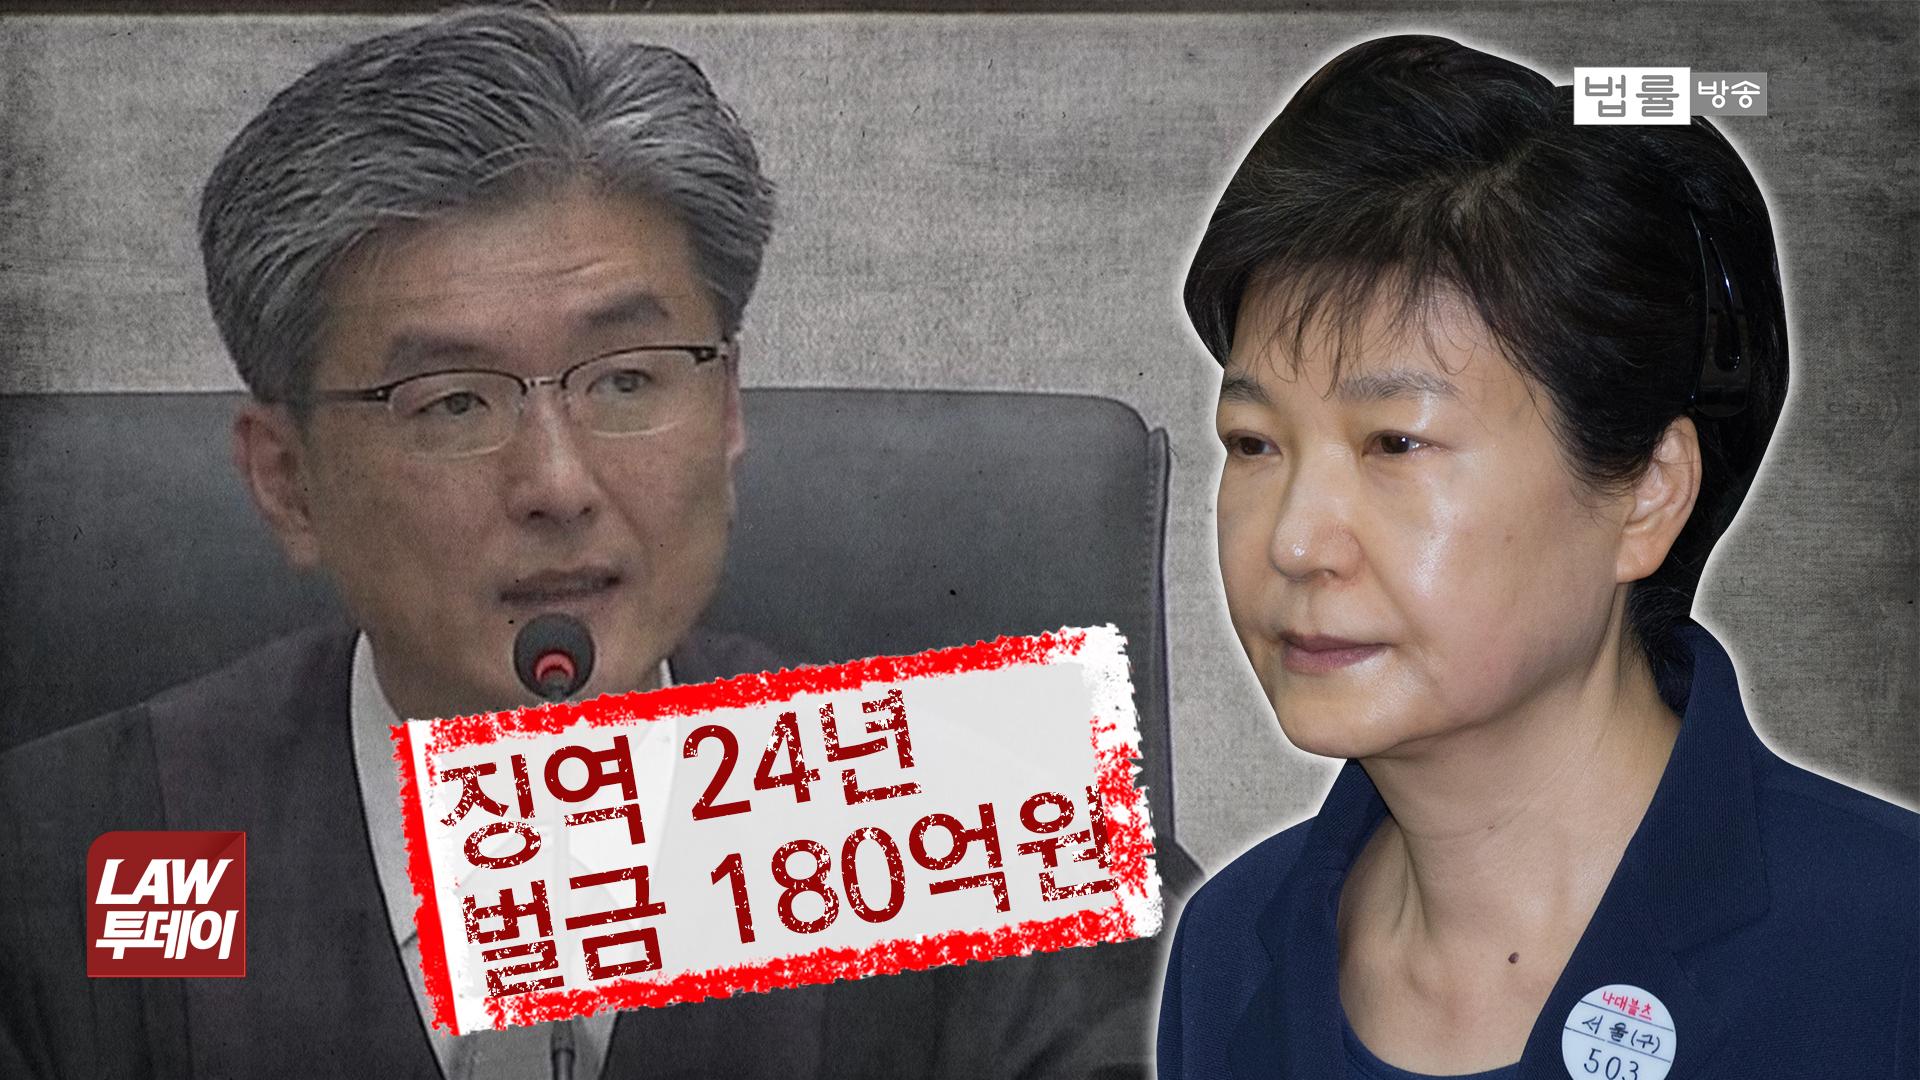 이재용 청탁 없는 뇌물... 박근혜 징역 24년 단상 ...